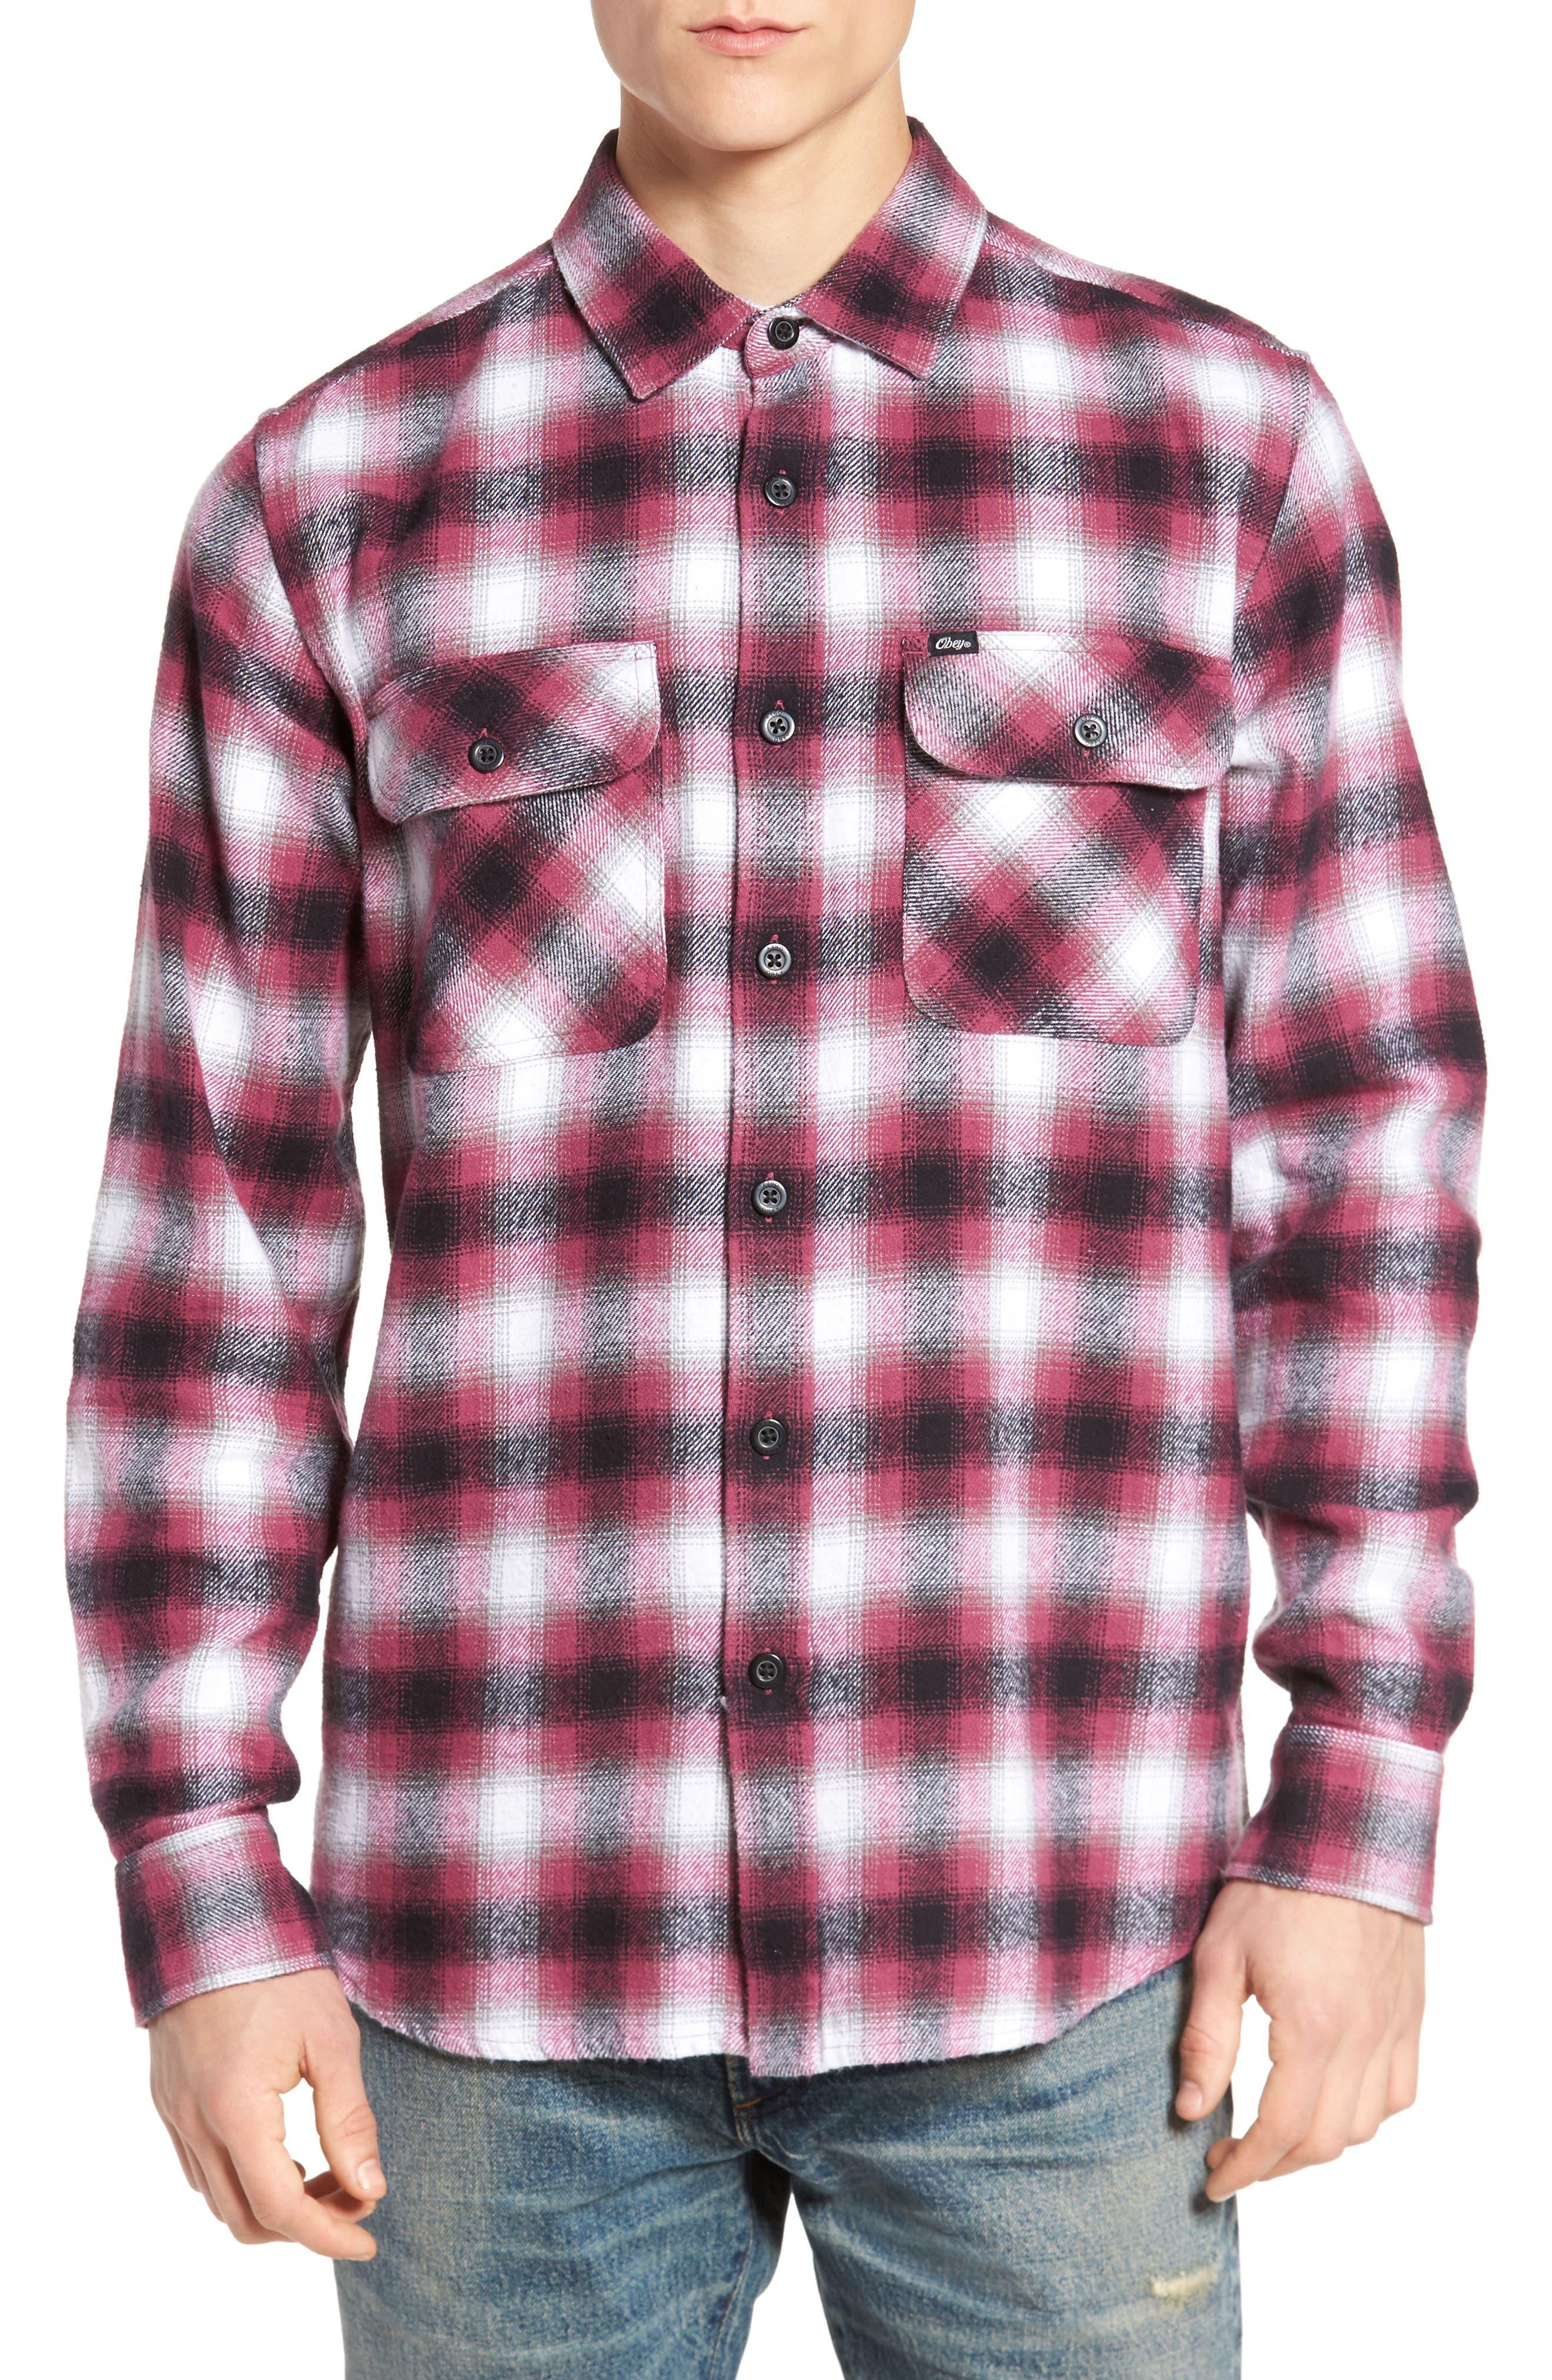 Mission Plaid Flannel Sport Shirt,                             Main thumbnail 1, color,